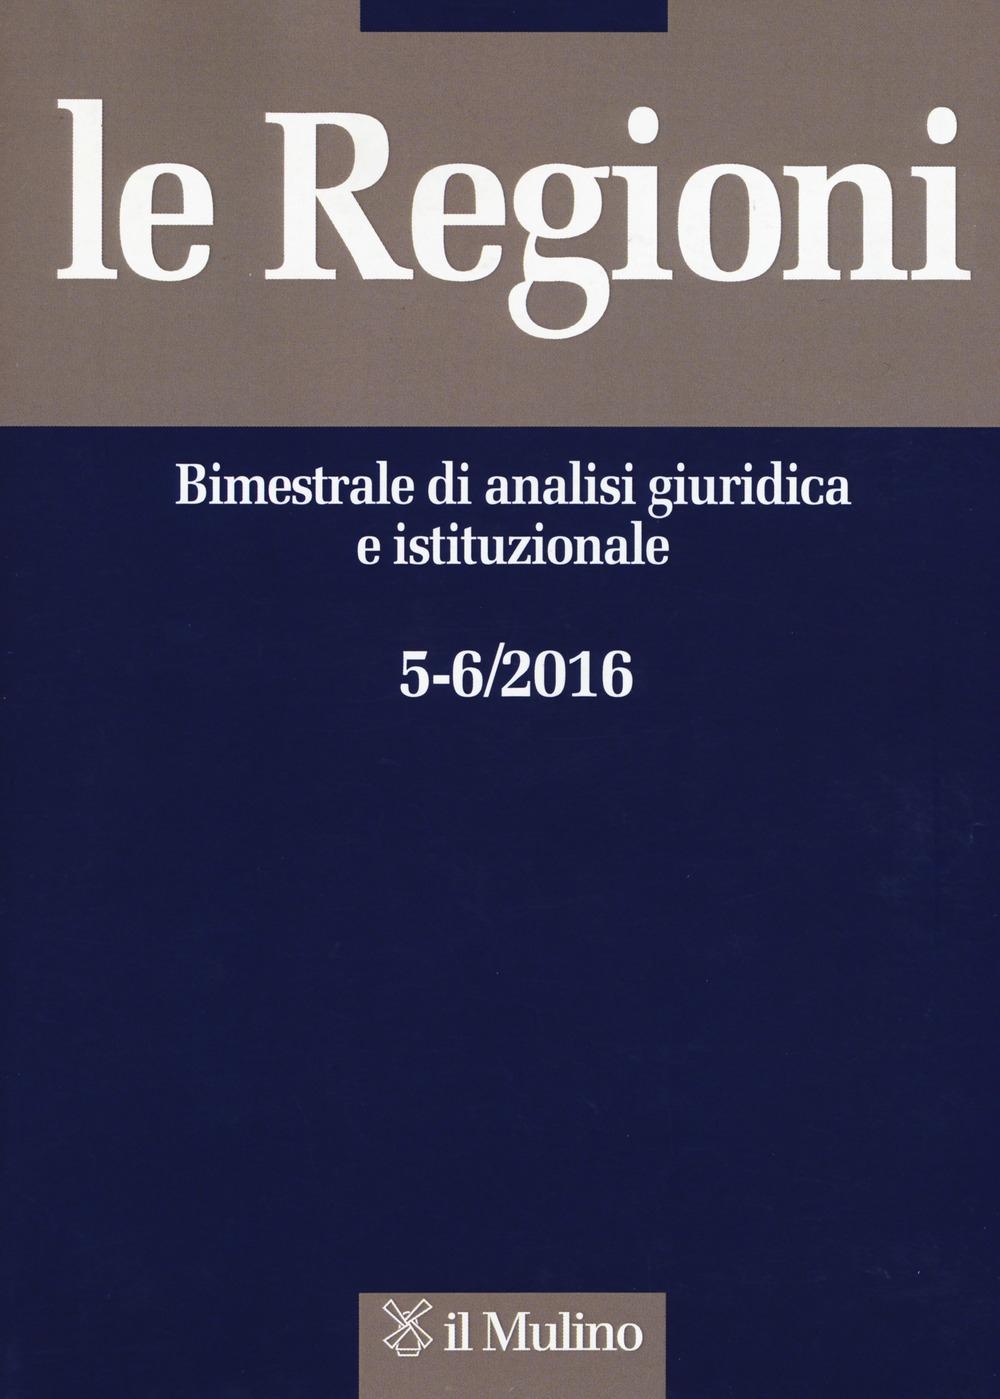 Le regioni. Bimestrale di analisi giuridica e istituzionale (2016). Vol. 5-6